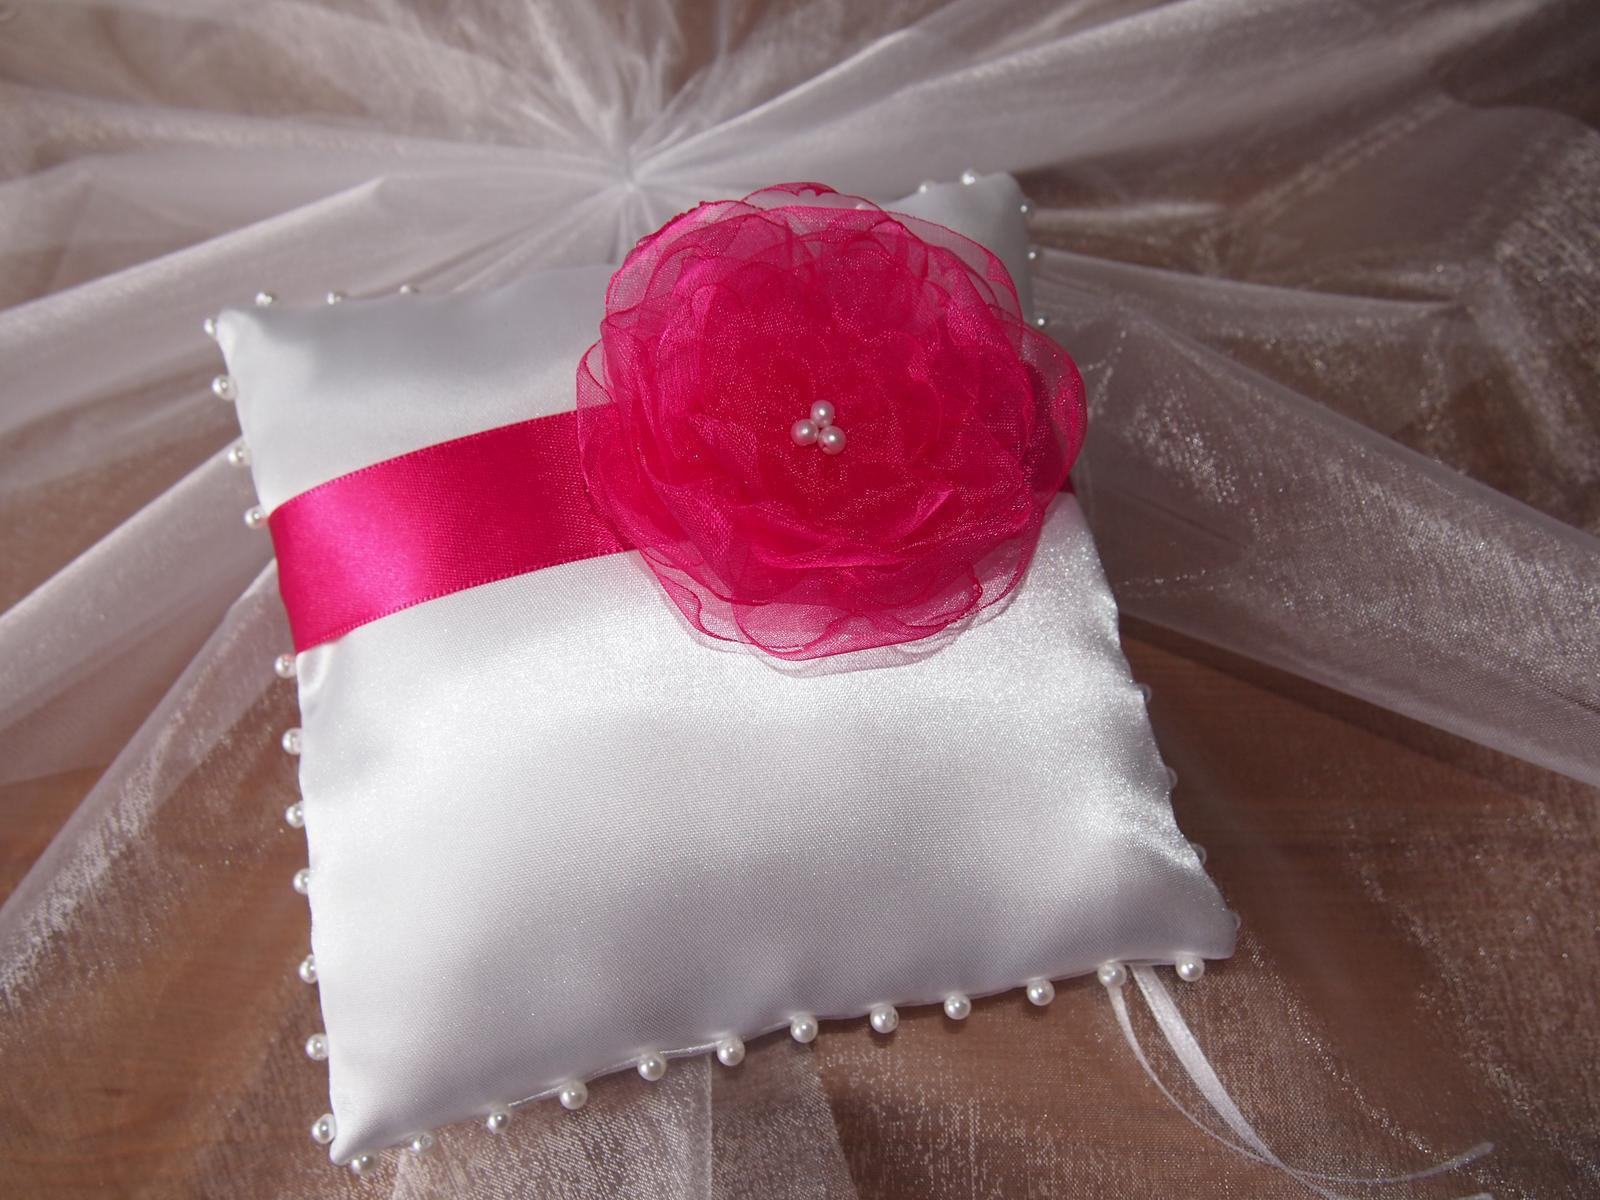 Bílý polštářek pod prstýnky s malinovou mašličkou - Obrázek č. 4